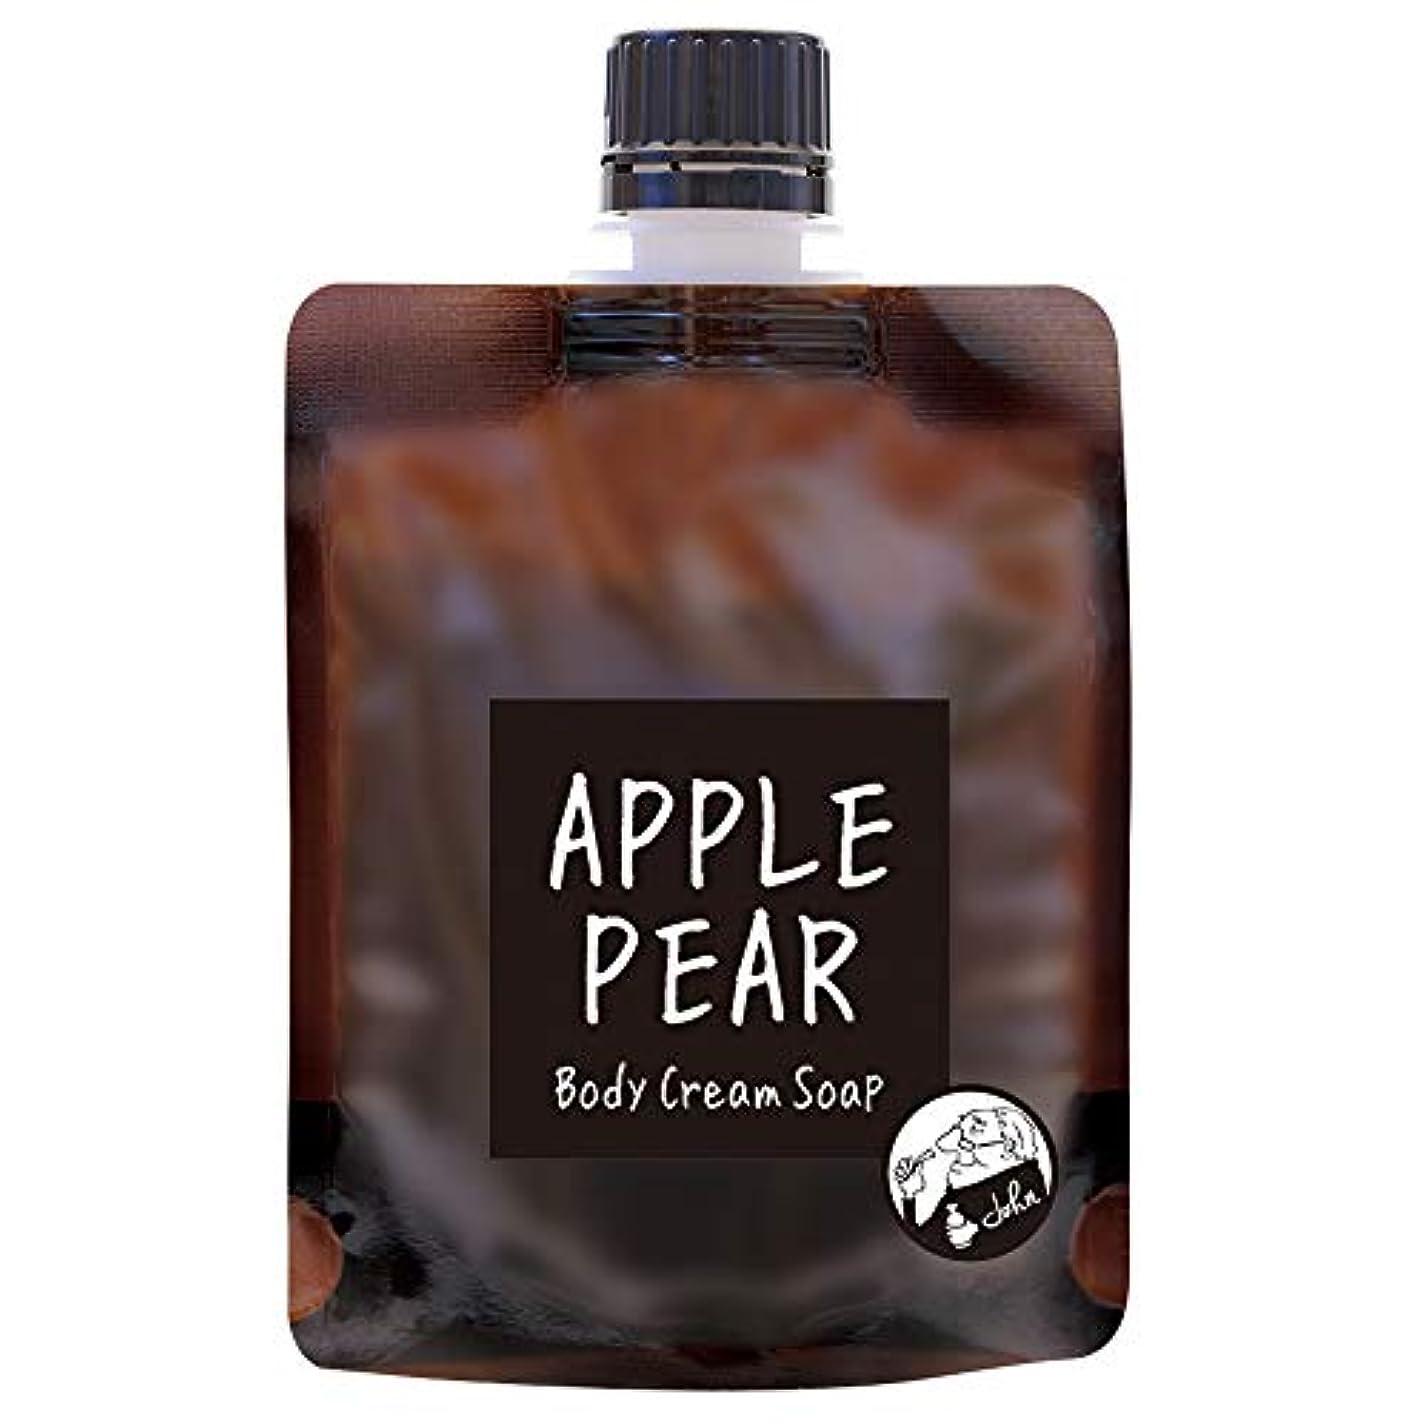 キルト死にかけているヒロイックノルコーポレーション John's Blend ボディクリームソープ 保湿成分配合 OA-JON-19-4 ボディソープ アップルペアーの香り 100g